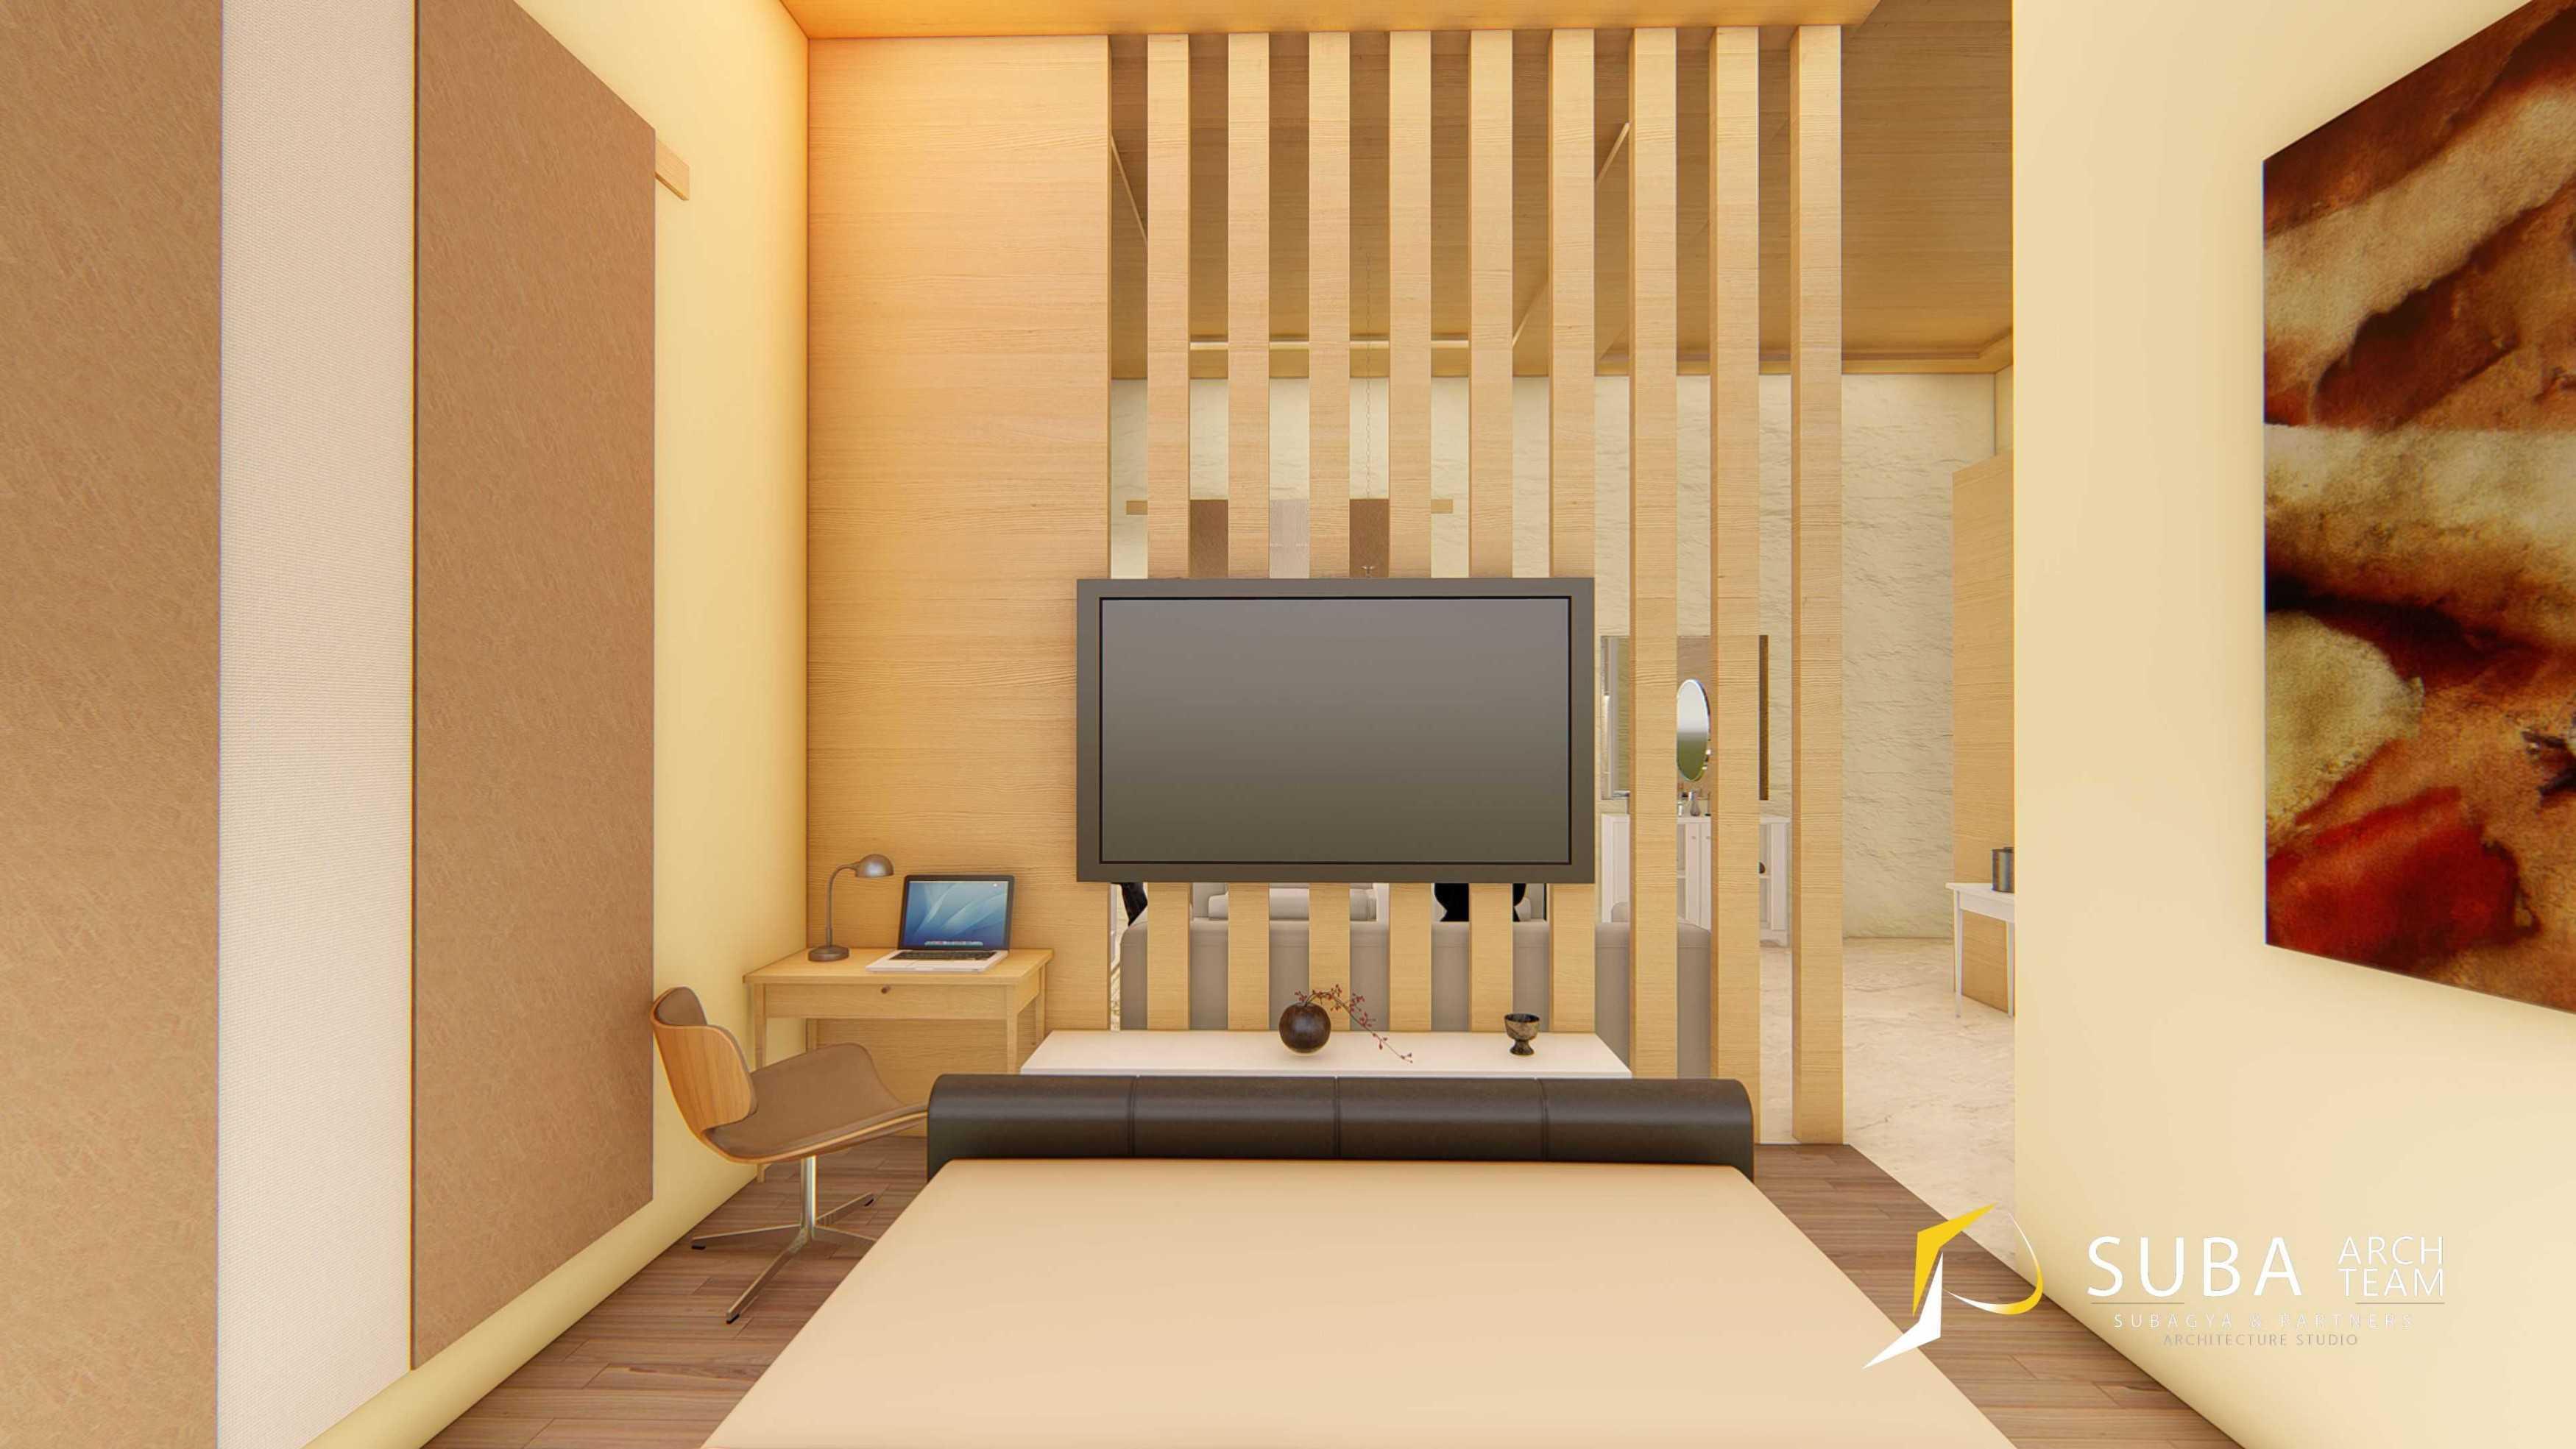 """Suba-Arch Desain Renovasi Interior Mediteranian - Pak Saefudin Cisarua Bogor Jawa Barat Cisarua, Bogor, Jawa Barat, Indonesia Cisarua, Bogor, Jawa Barat, Indonesia Suba-Arch-Desain-Renovasi-Interior-Mediteranian-Pak-Saefudin-Cisarua-Bogor-Jawa-Barat  <P Class=""""msonormal""""><Span Style=""""font-Size: 10.5Pt; Line-Height: 150%; Font-Family: 'akkurat_Lightregular','serif'; Color: #898B8E; Background: White;"""">Kamar Tidur Untuk Bersantai, Beristirahat, Dan Tidur Dengan Ukuran 7 M X 8 M . Konsep Contemporer, Classic, Dan Modern. Kombinasi Warna Menggunakan Coklat Tua, Krem, Putih, Dengan Coklat Muda Yang Dominan Dalam Kamar Tidur. Material Dinding Dan Lantai Kayu Dicat Warna Coklat Tua Memberikan Kesan Hangat . Furniture <Strong Style=""""mso-Bidi-Font-Weight: Normal;"""">Terbuat</strong> Dari Material Kayu Dicat Warna Putih Memberikan Kesan Yang Lebih Elegan.</span></p> 66435"""